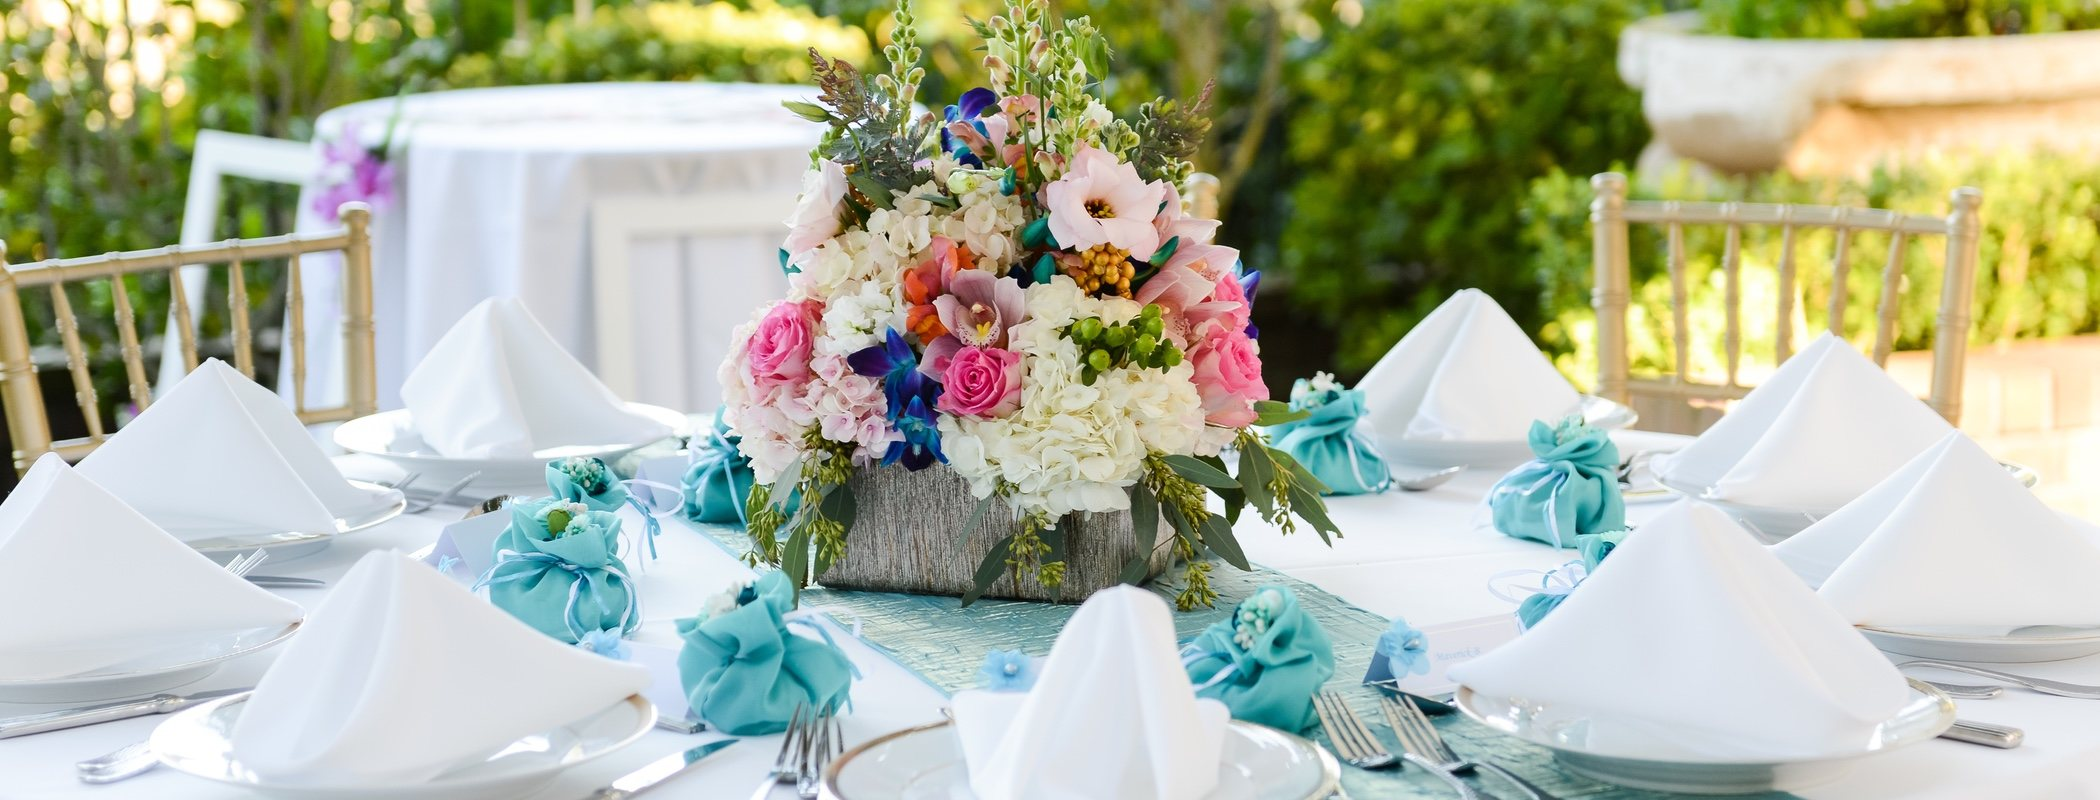 Qué temática elegir para tu boda